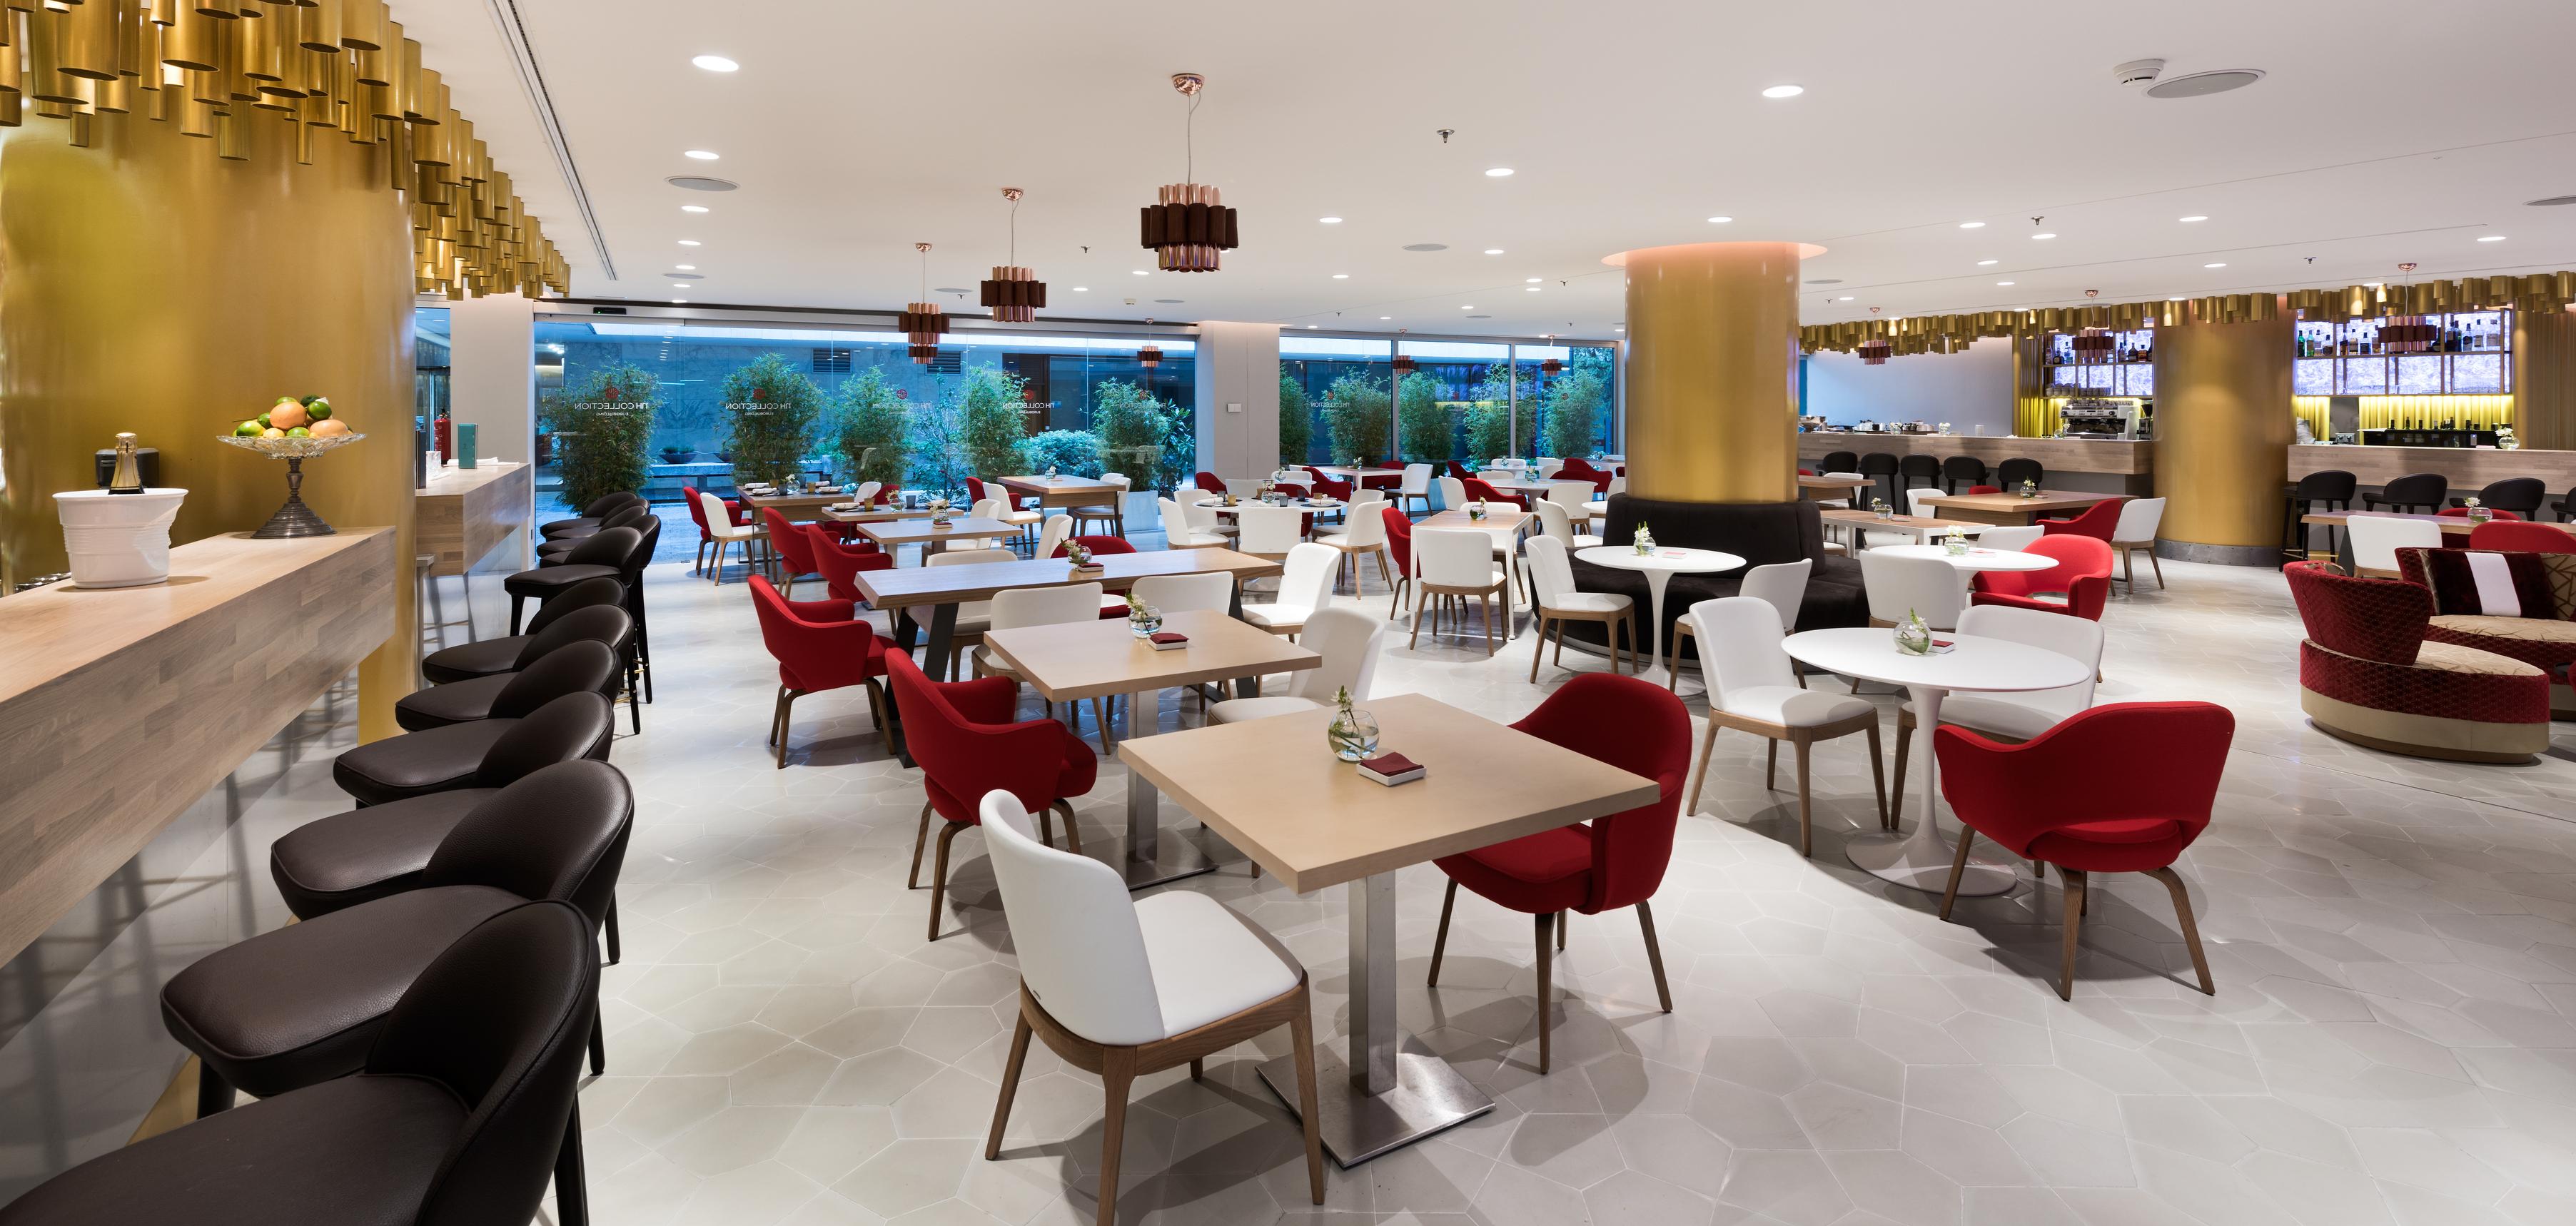 Restaurante DOMO by Roncero y Cabrera